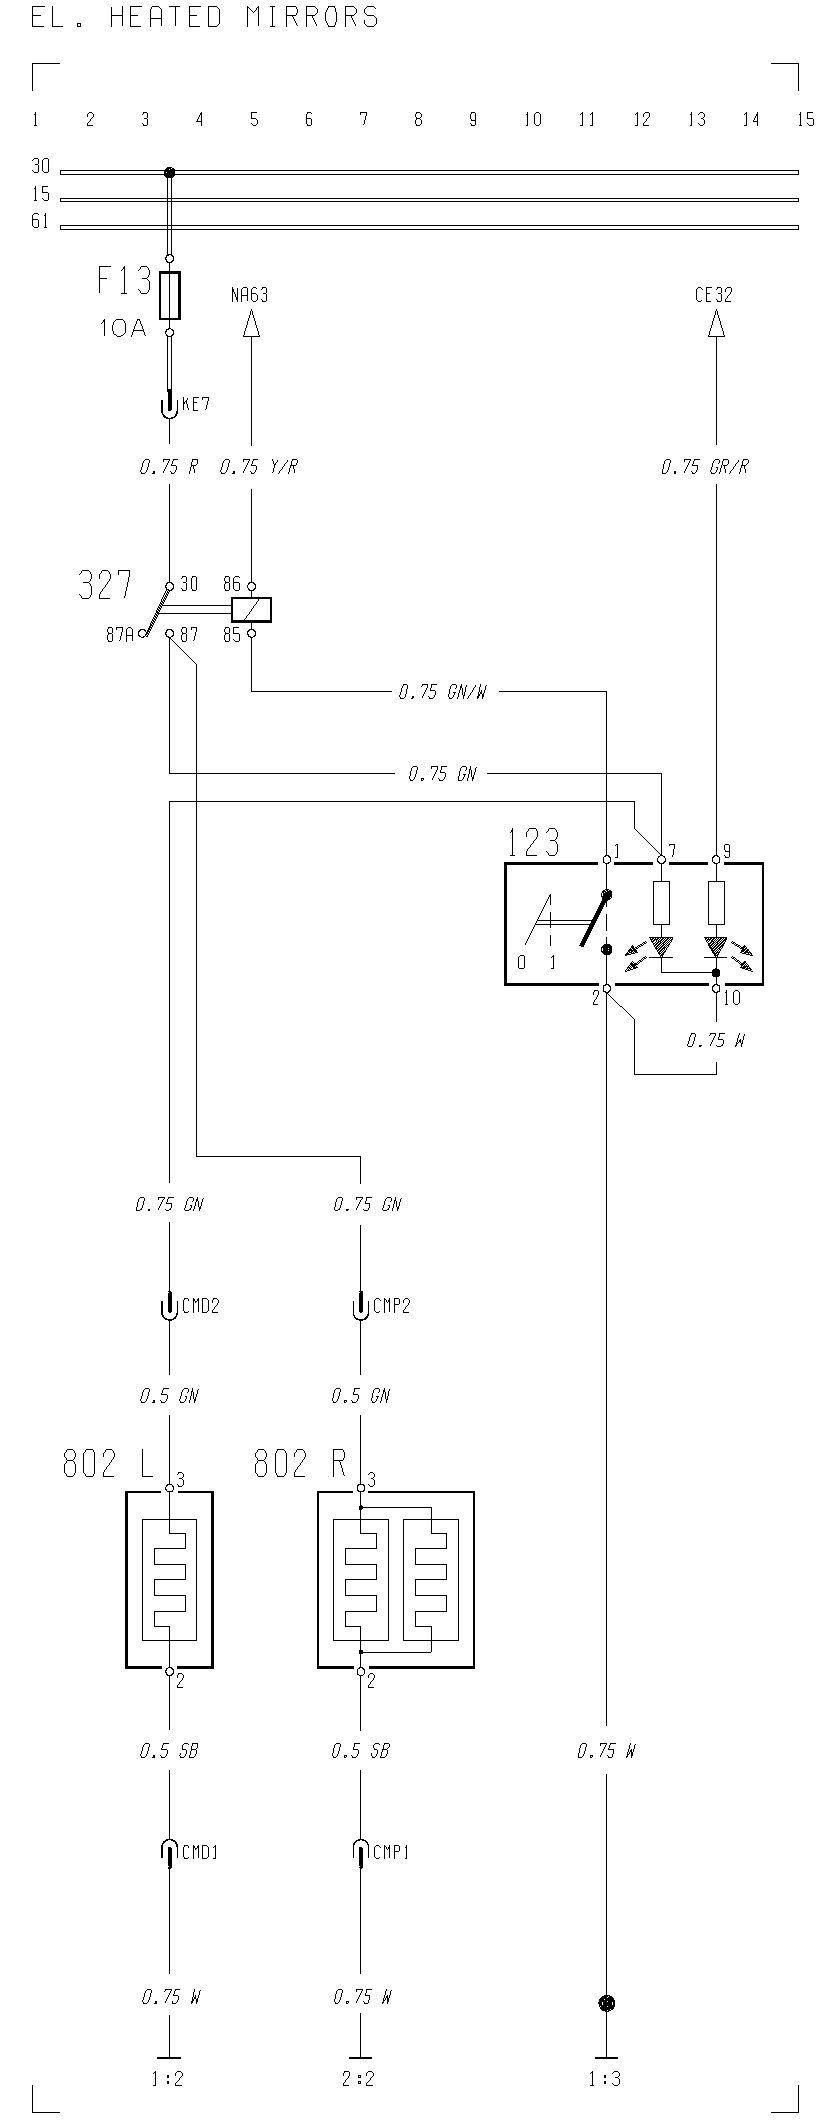 Heated Mirror Wiring Diagram - Ez Dump Wiring Diagram for Wiring Diagram  Schematics | Wolsten Wiring Diagrams Heated Mirrors |  | Wiring Diagram Schematics